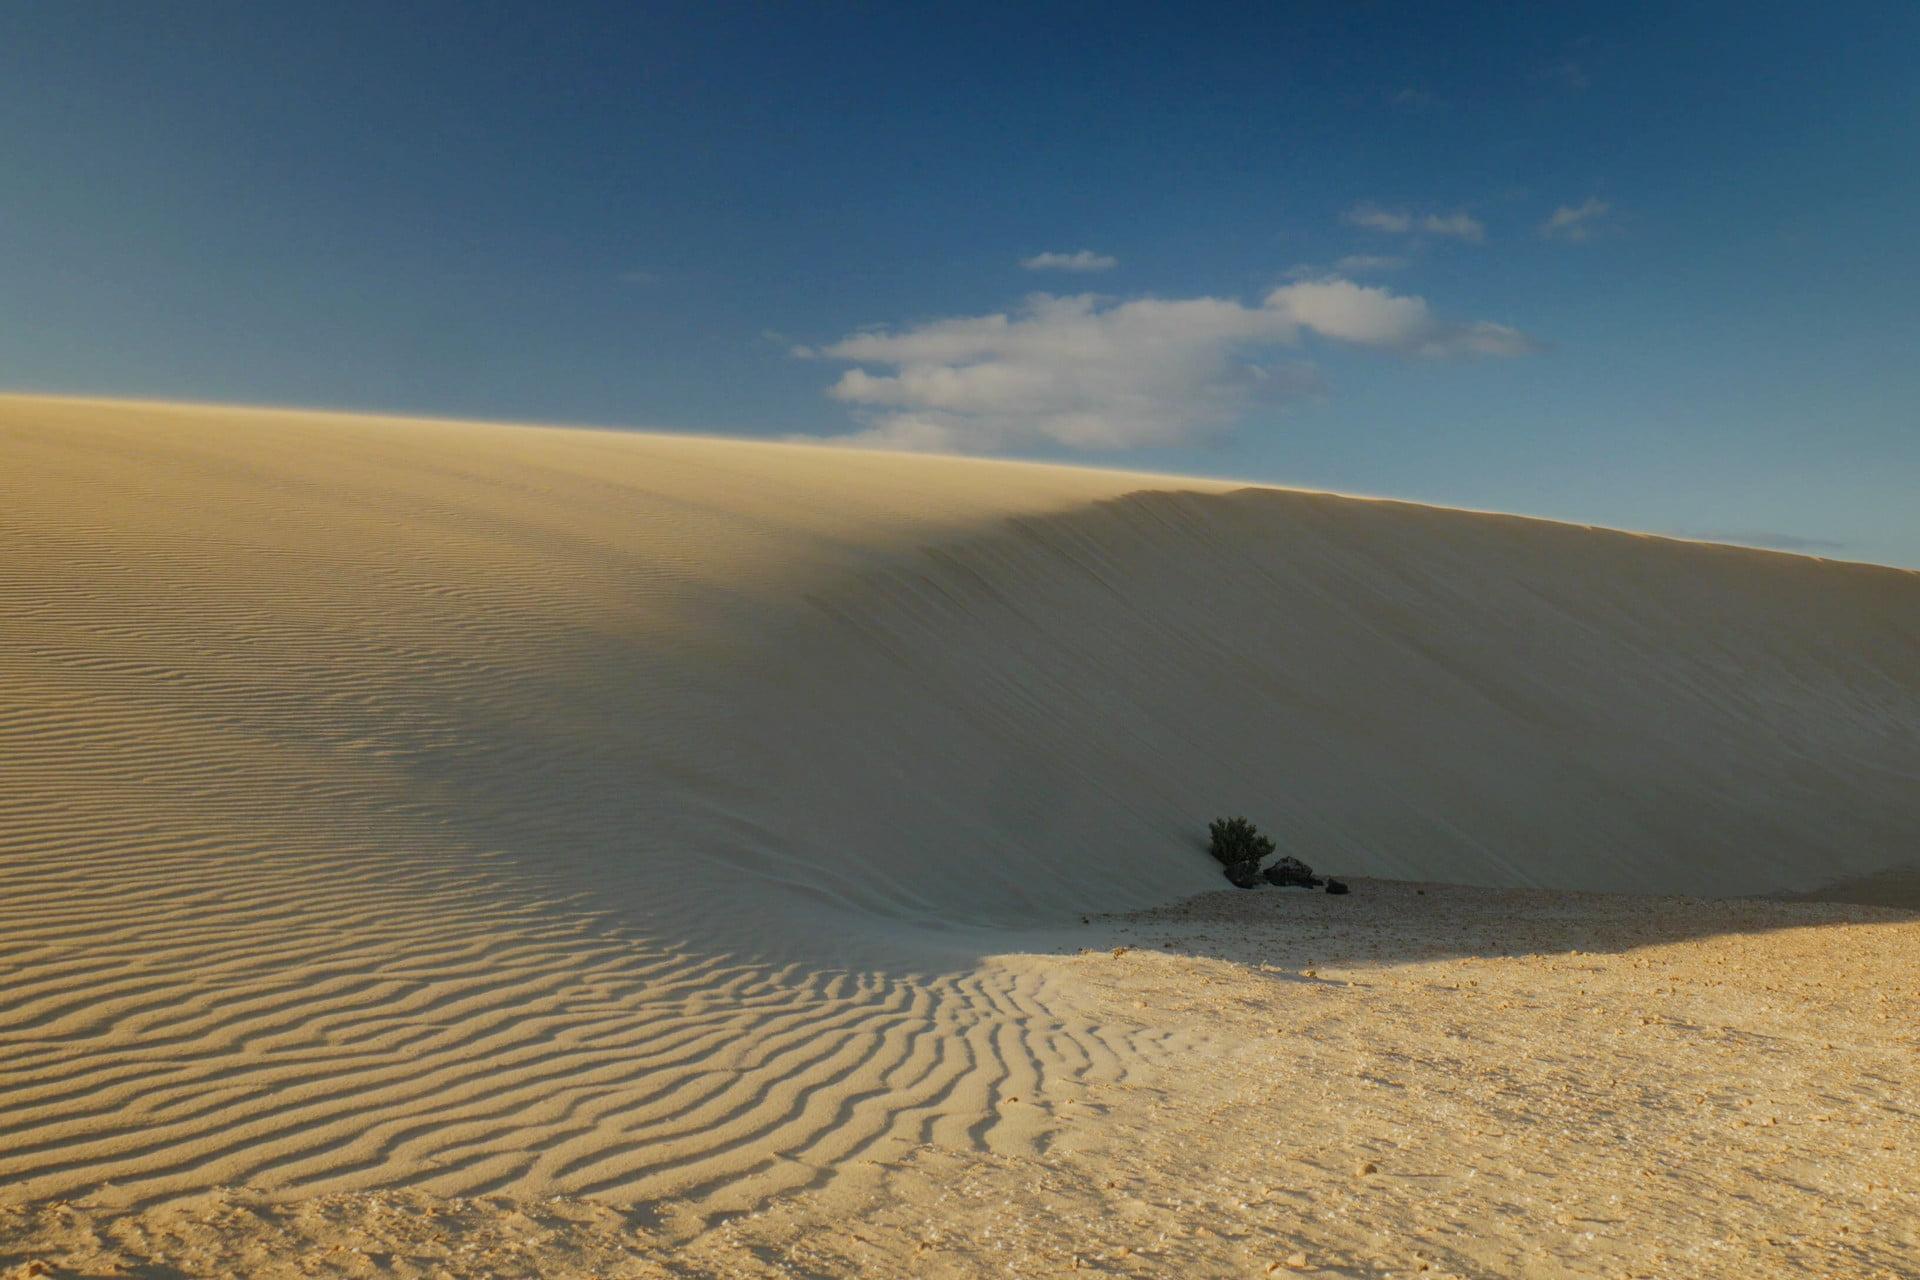 Sand Dune in the Parque Natural de Corralejo